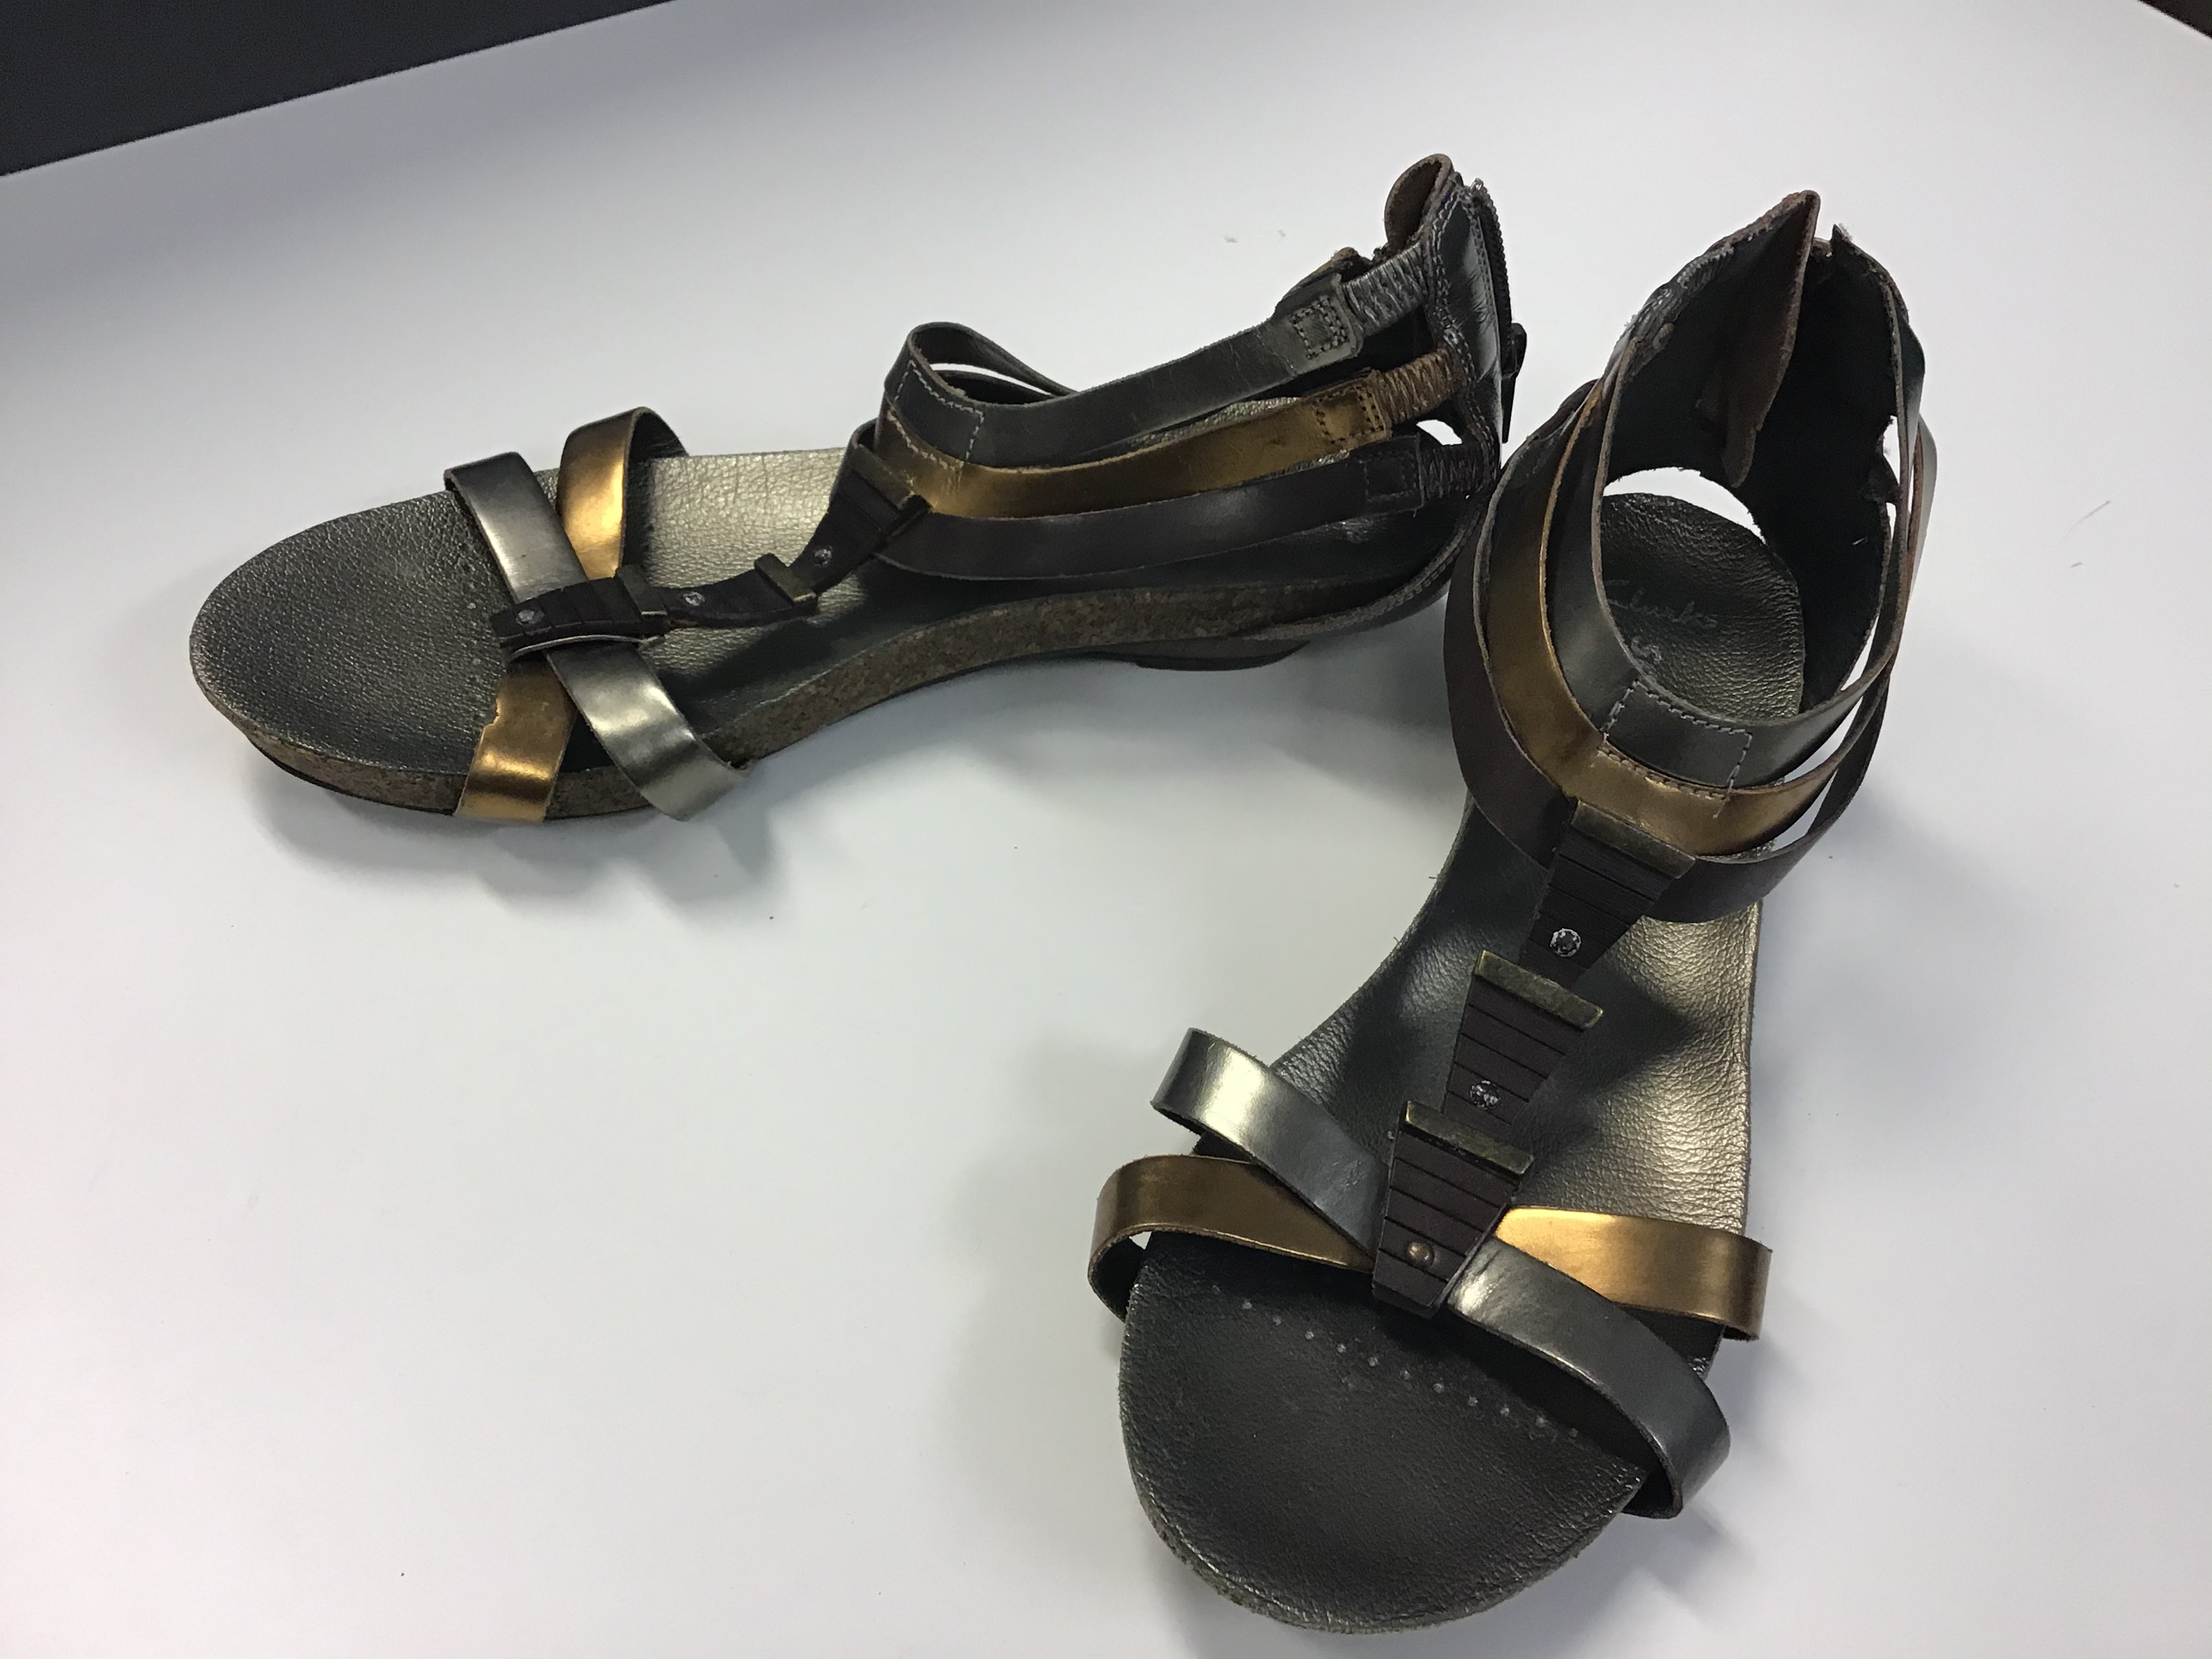 Kengät, Clarks, koko 6